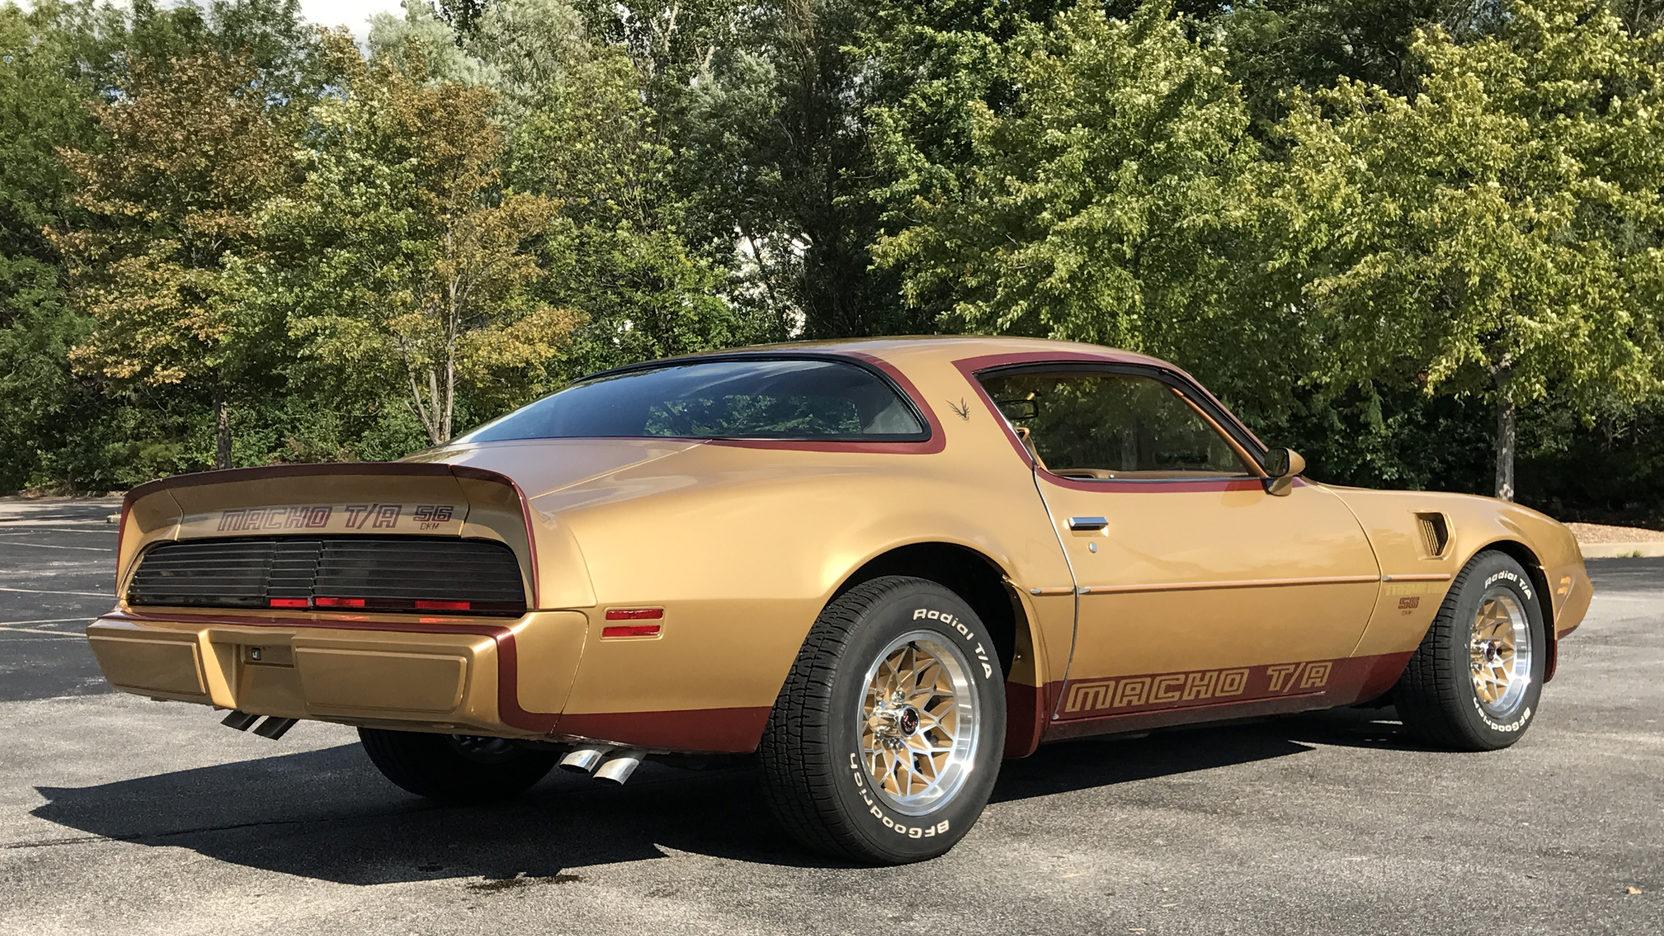 1979 Pontiac Macho Trans Am rear 3/4